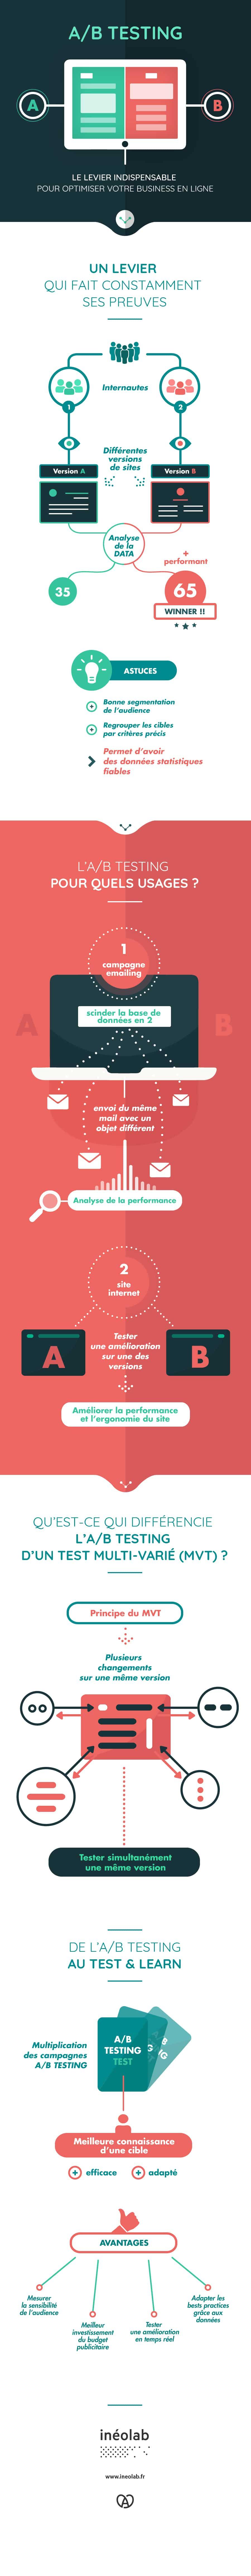 Infographie(s) : L'A/B Testing en une image